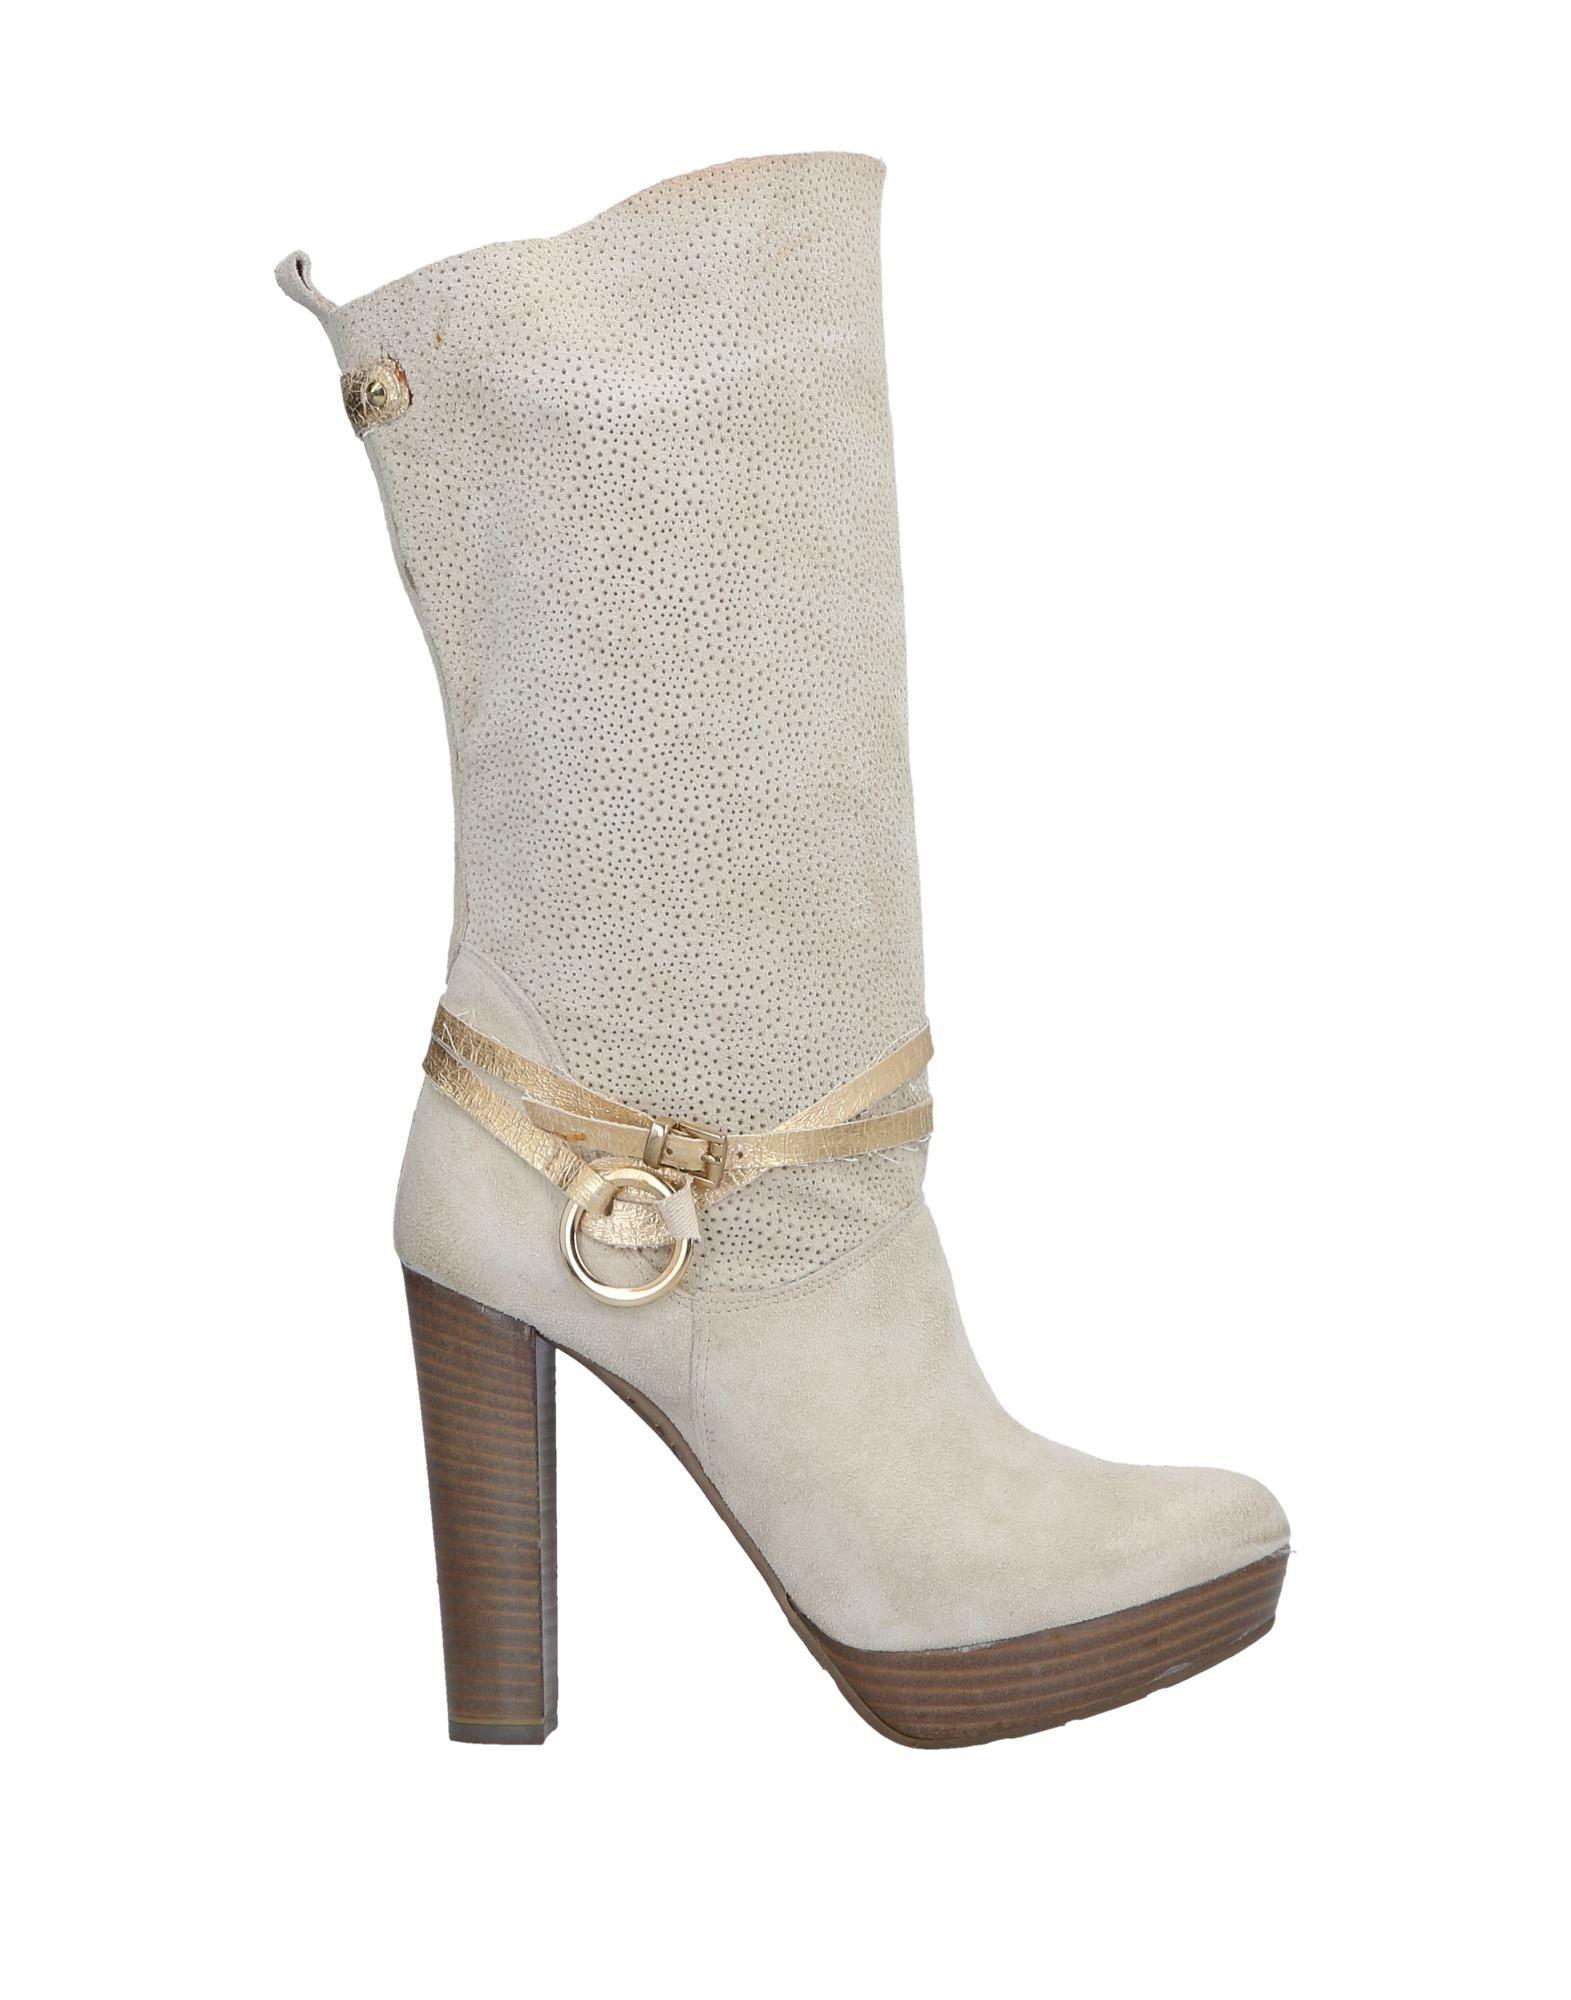 Lorenzo Mari Stiefelette Damen  11064234AO Gute Qualität beliebte Schuhe